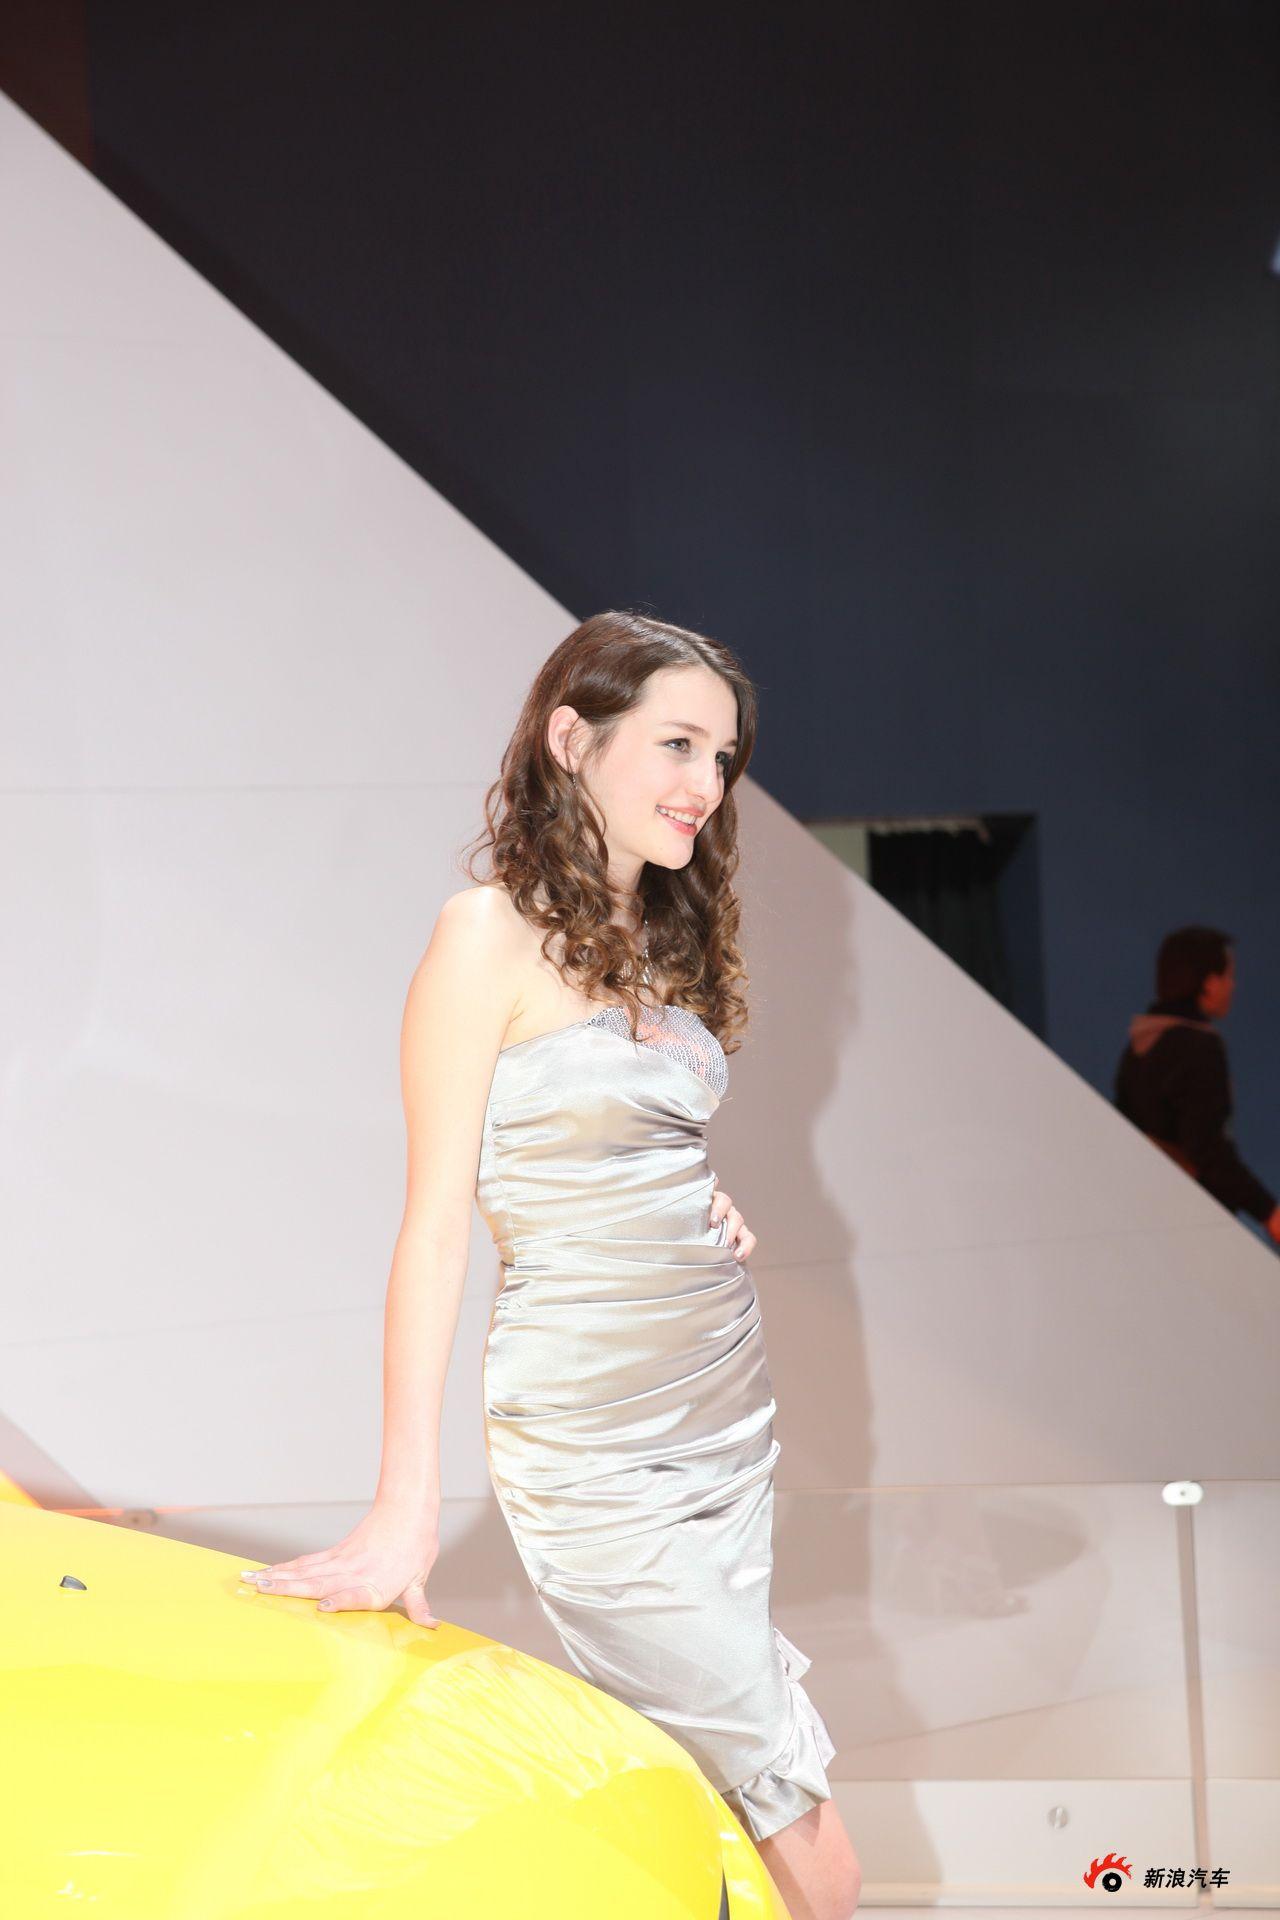 雪佛兰展台1号模特